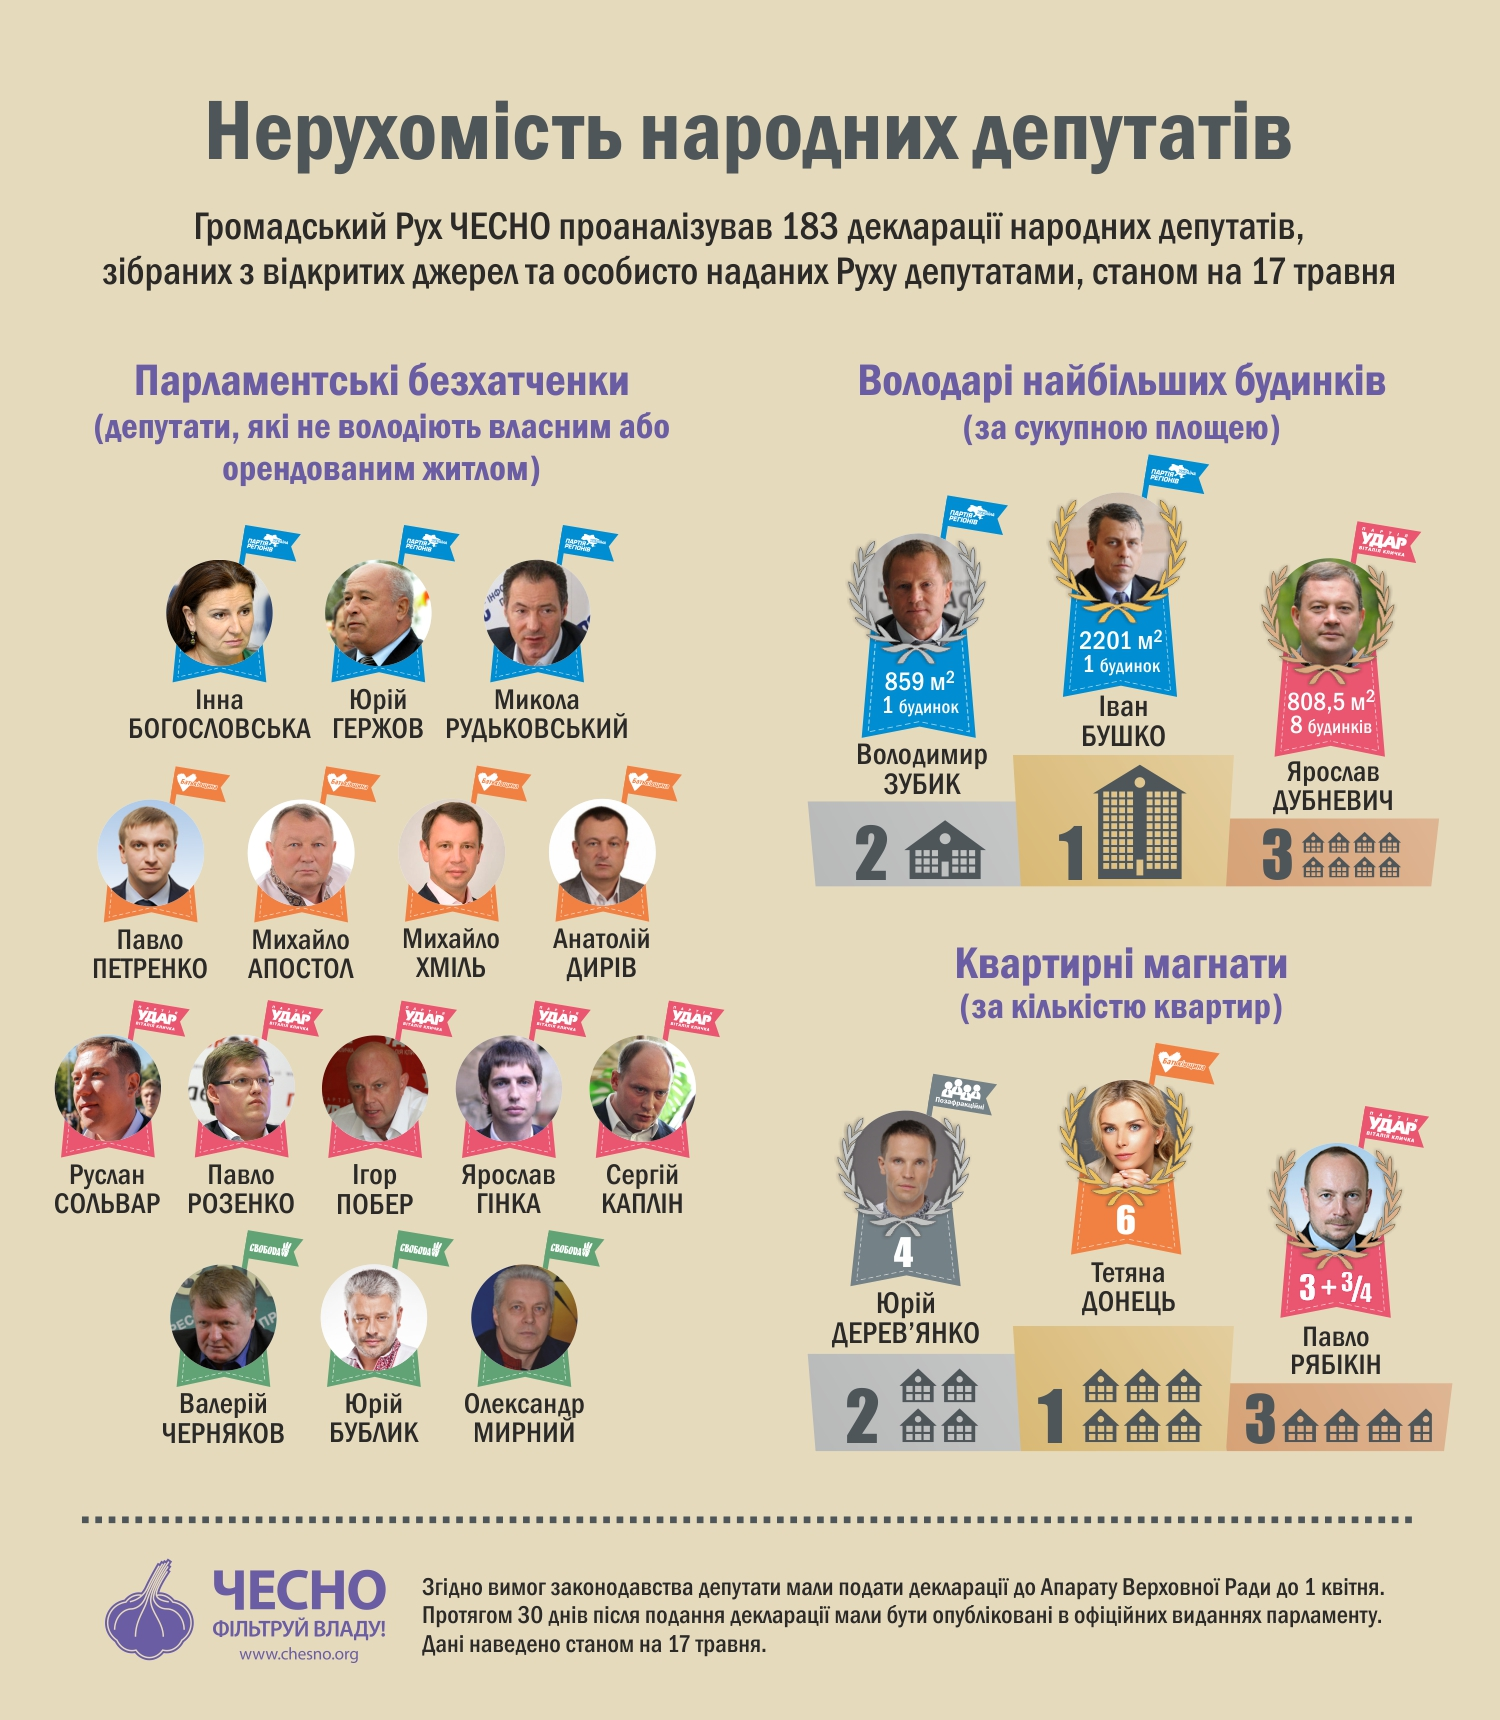 Ні кола, ні двора: 15 депутатів Ради не мають житла